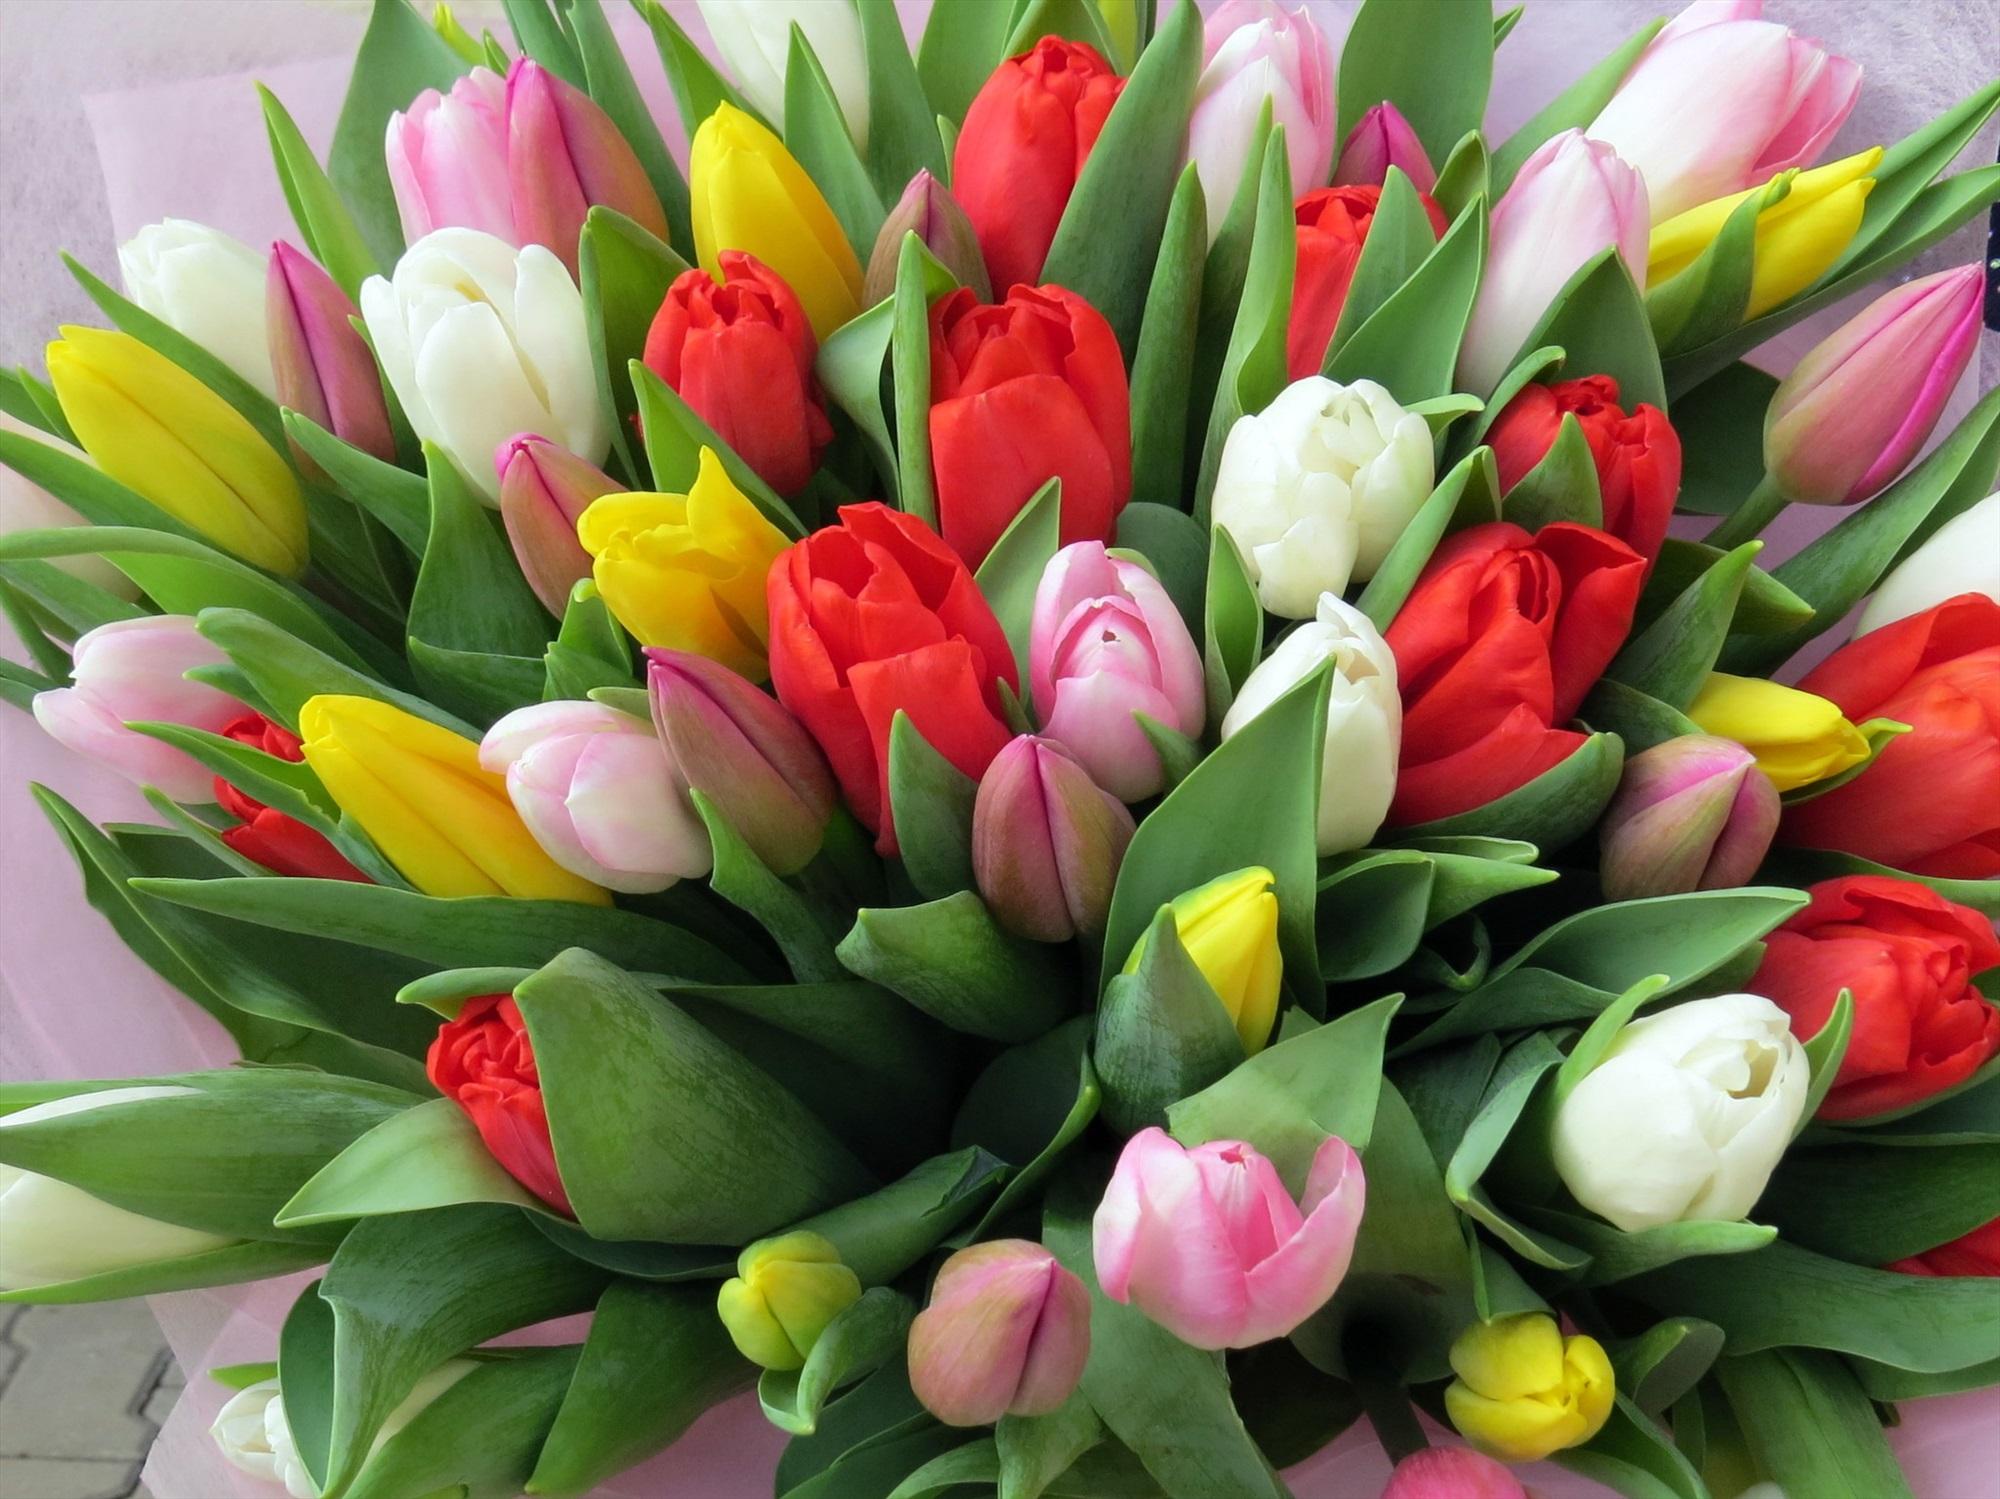 Открытки тюльпанов на 8 марта фото, картинки аватарку